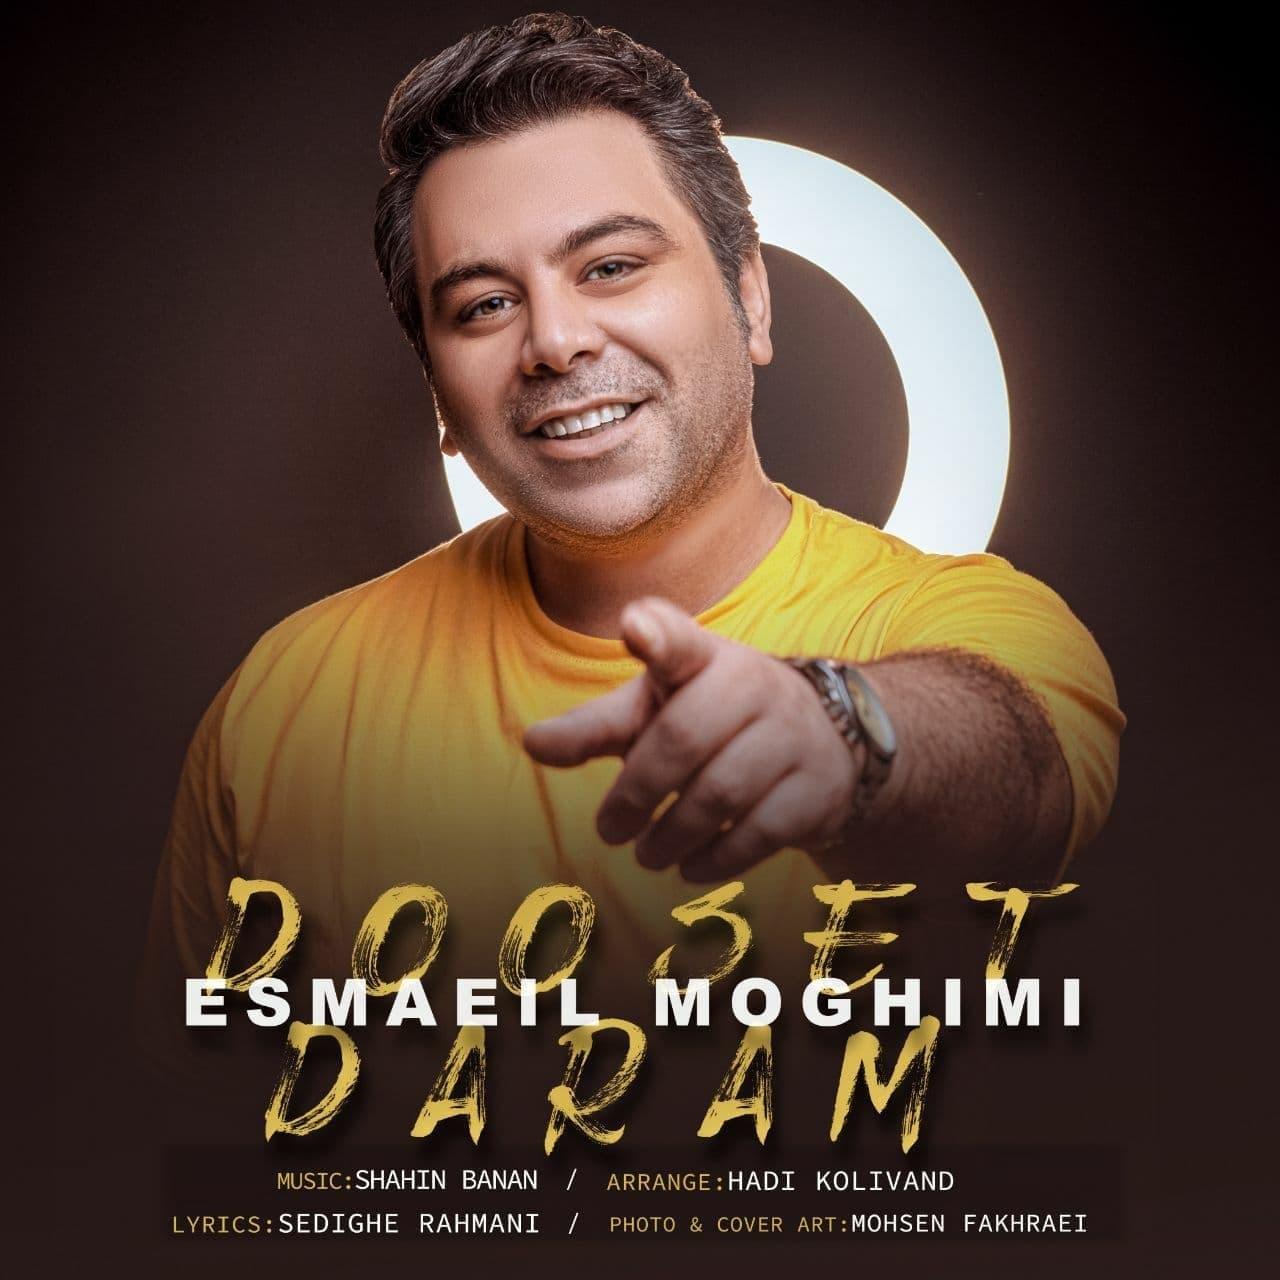 Esmaeil Moghimi – Dooset Daram